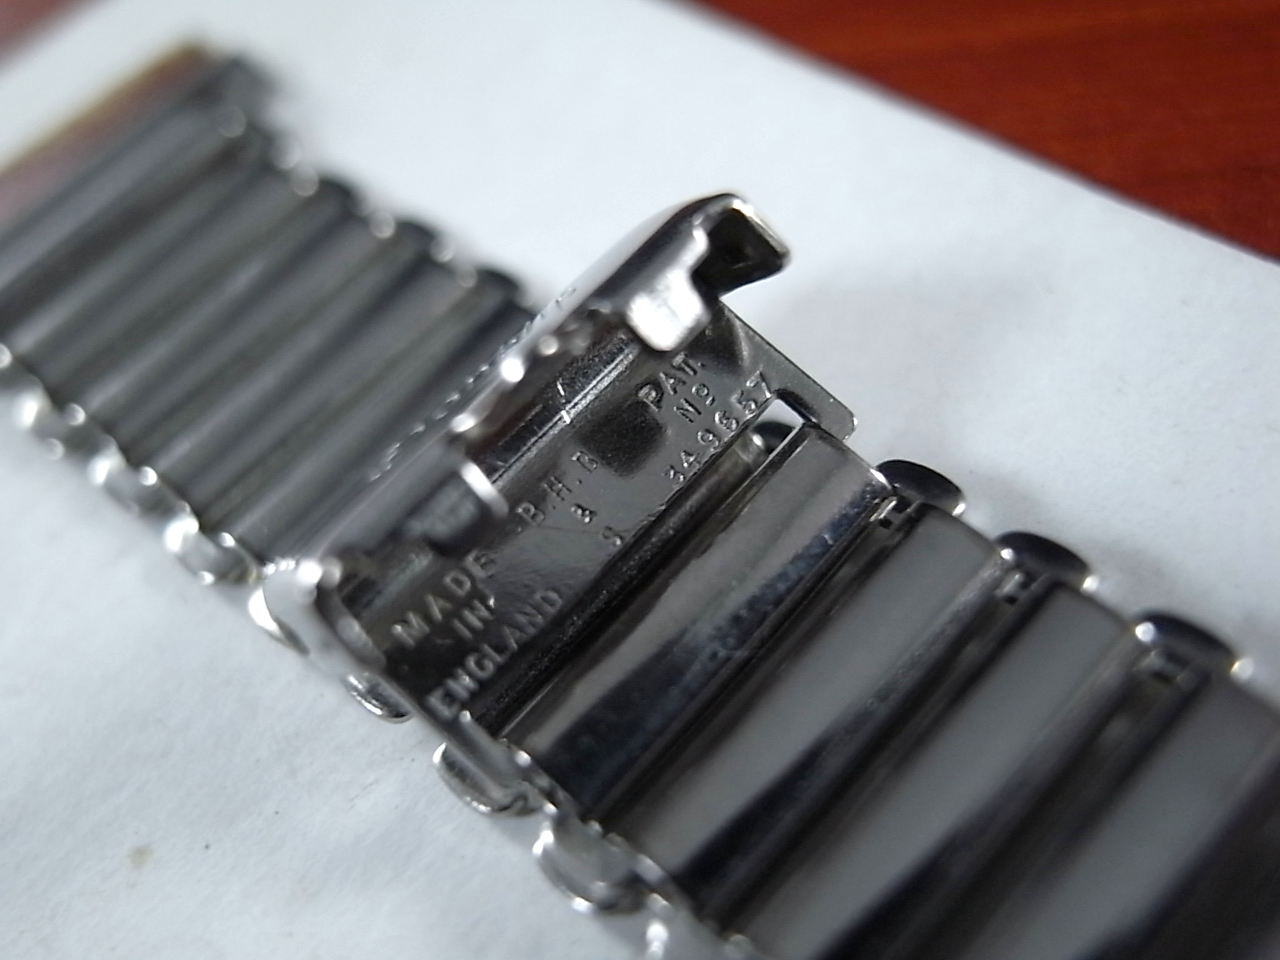 ボンクリップ バンブーブレス N.O.S. 13mmタイプ 16mm BONKLIPの写真3枚目